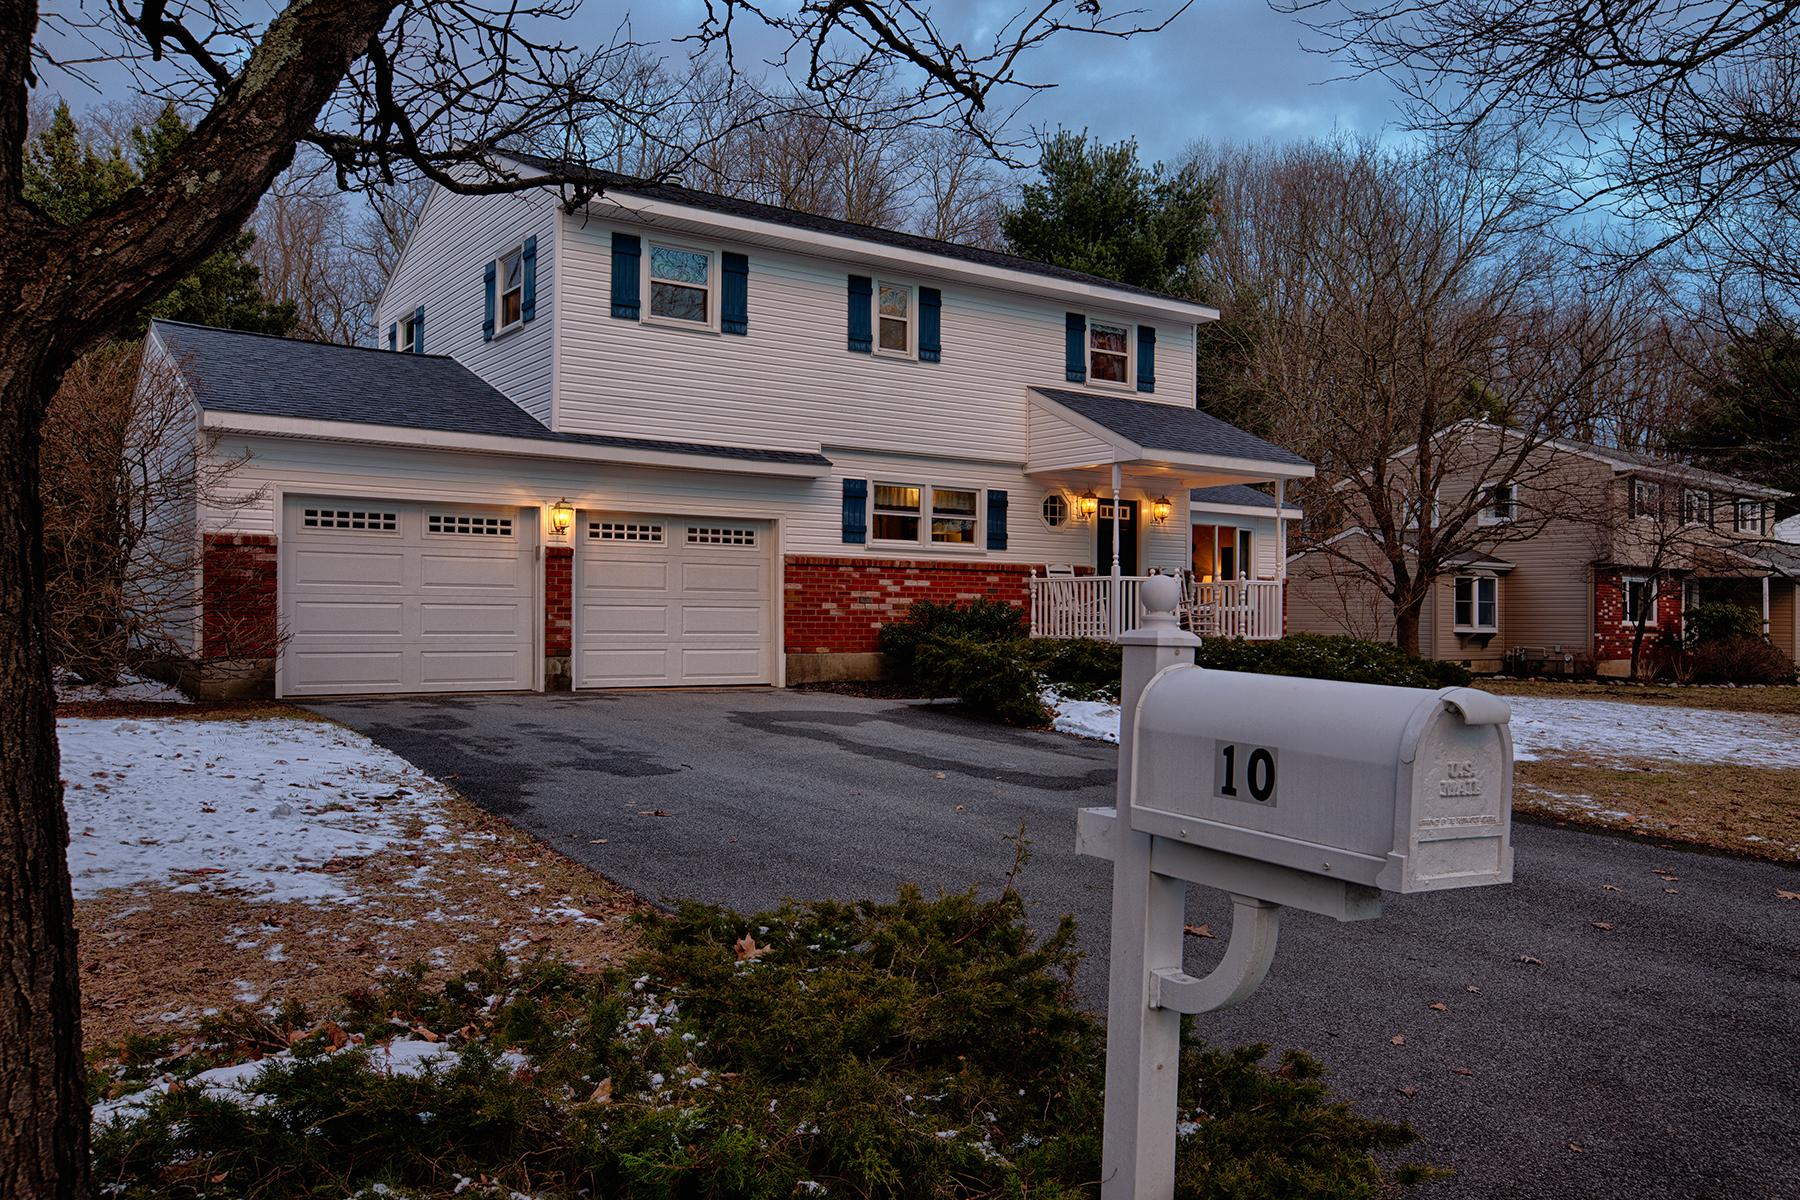 027 EAP Maria Barr 10 Lexington Rd Saratoga Springs crest 29.jpg